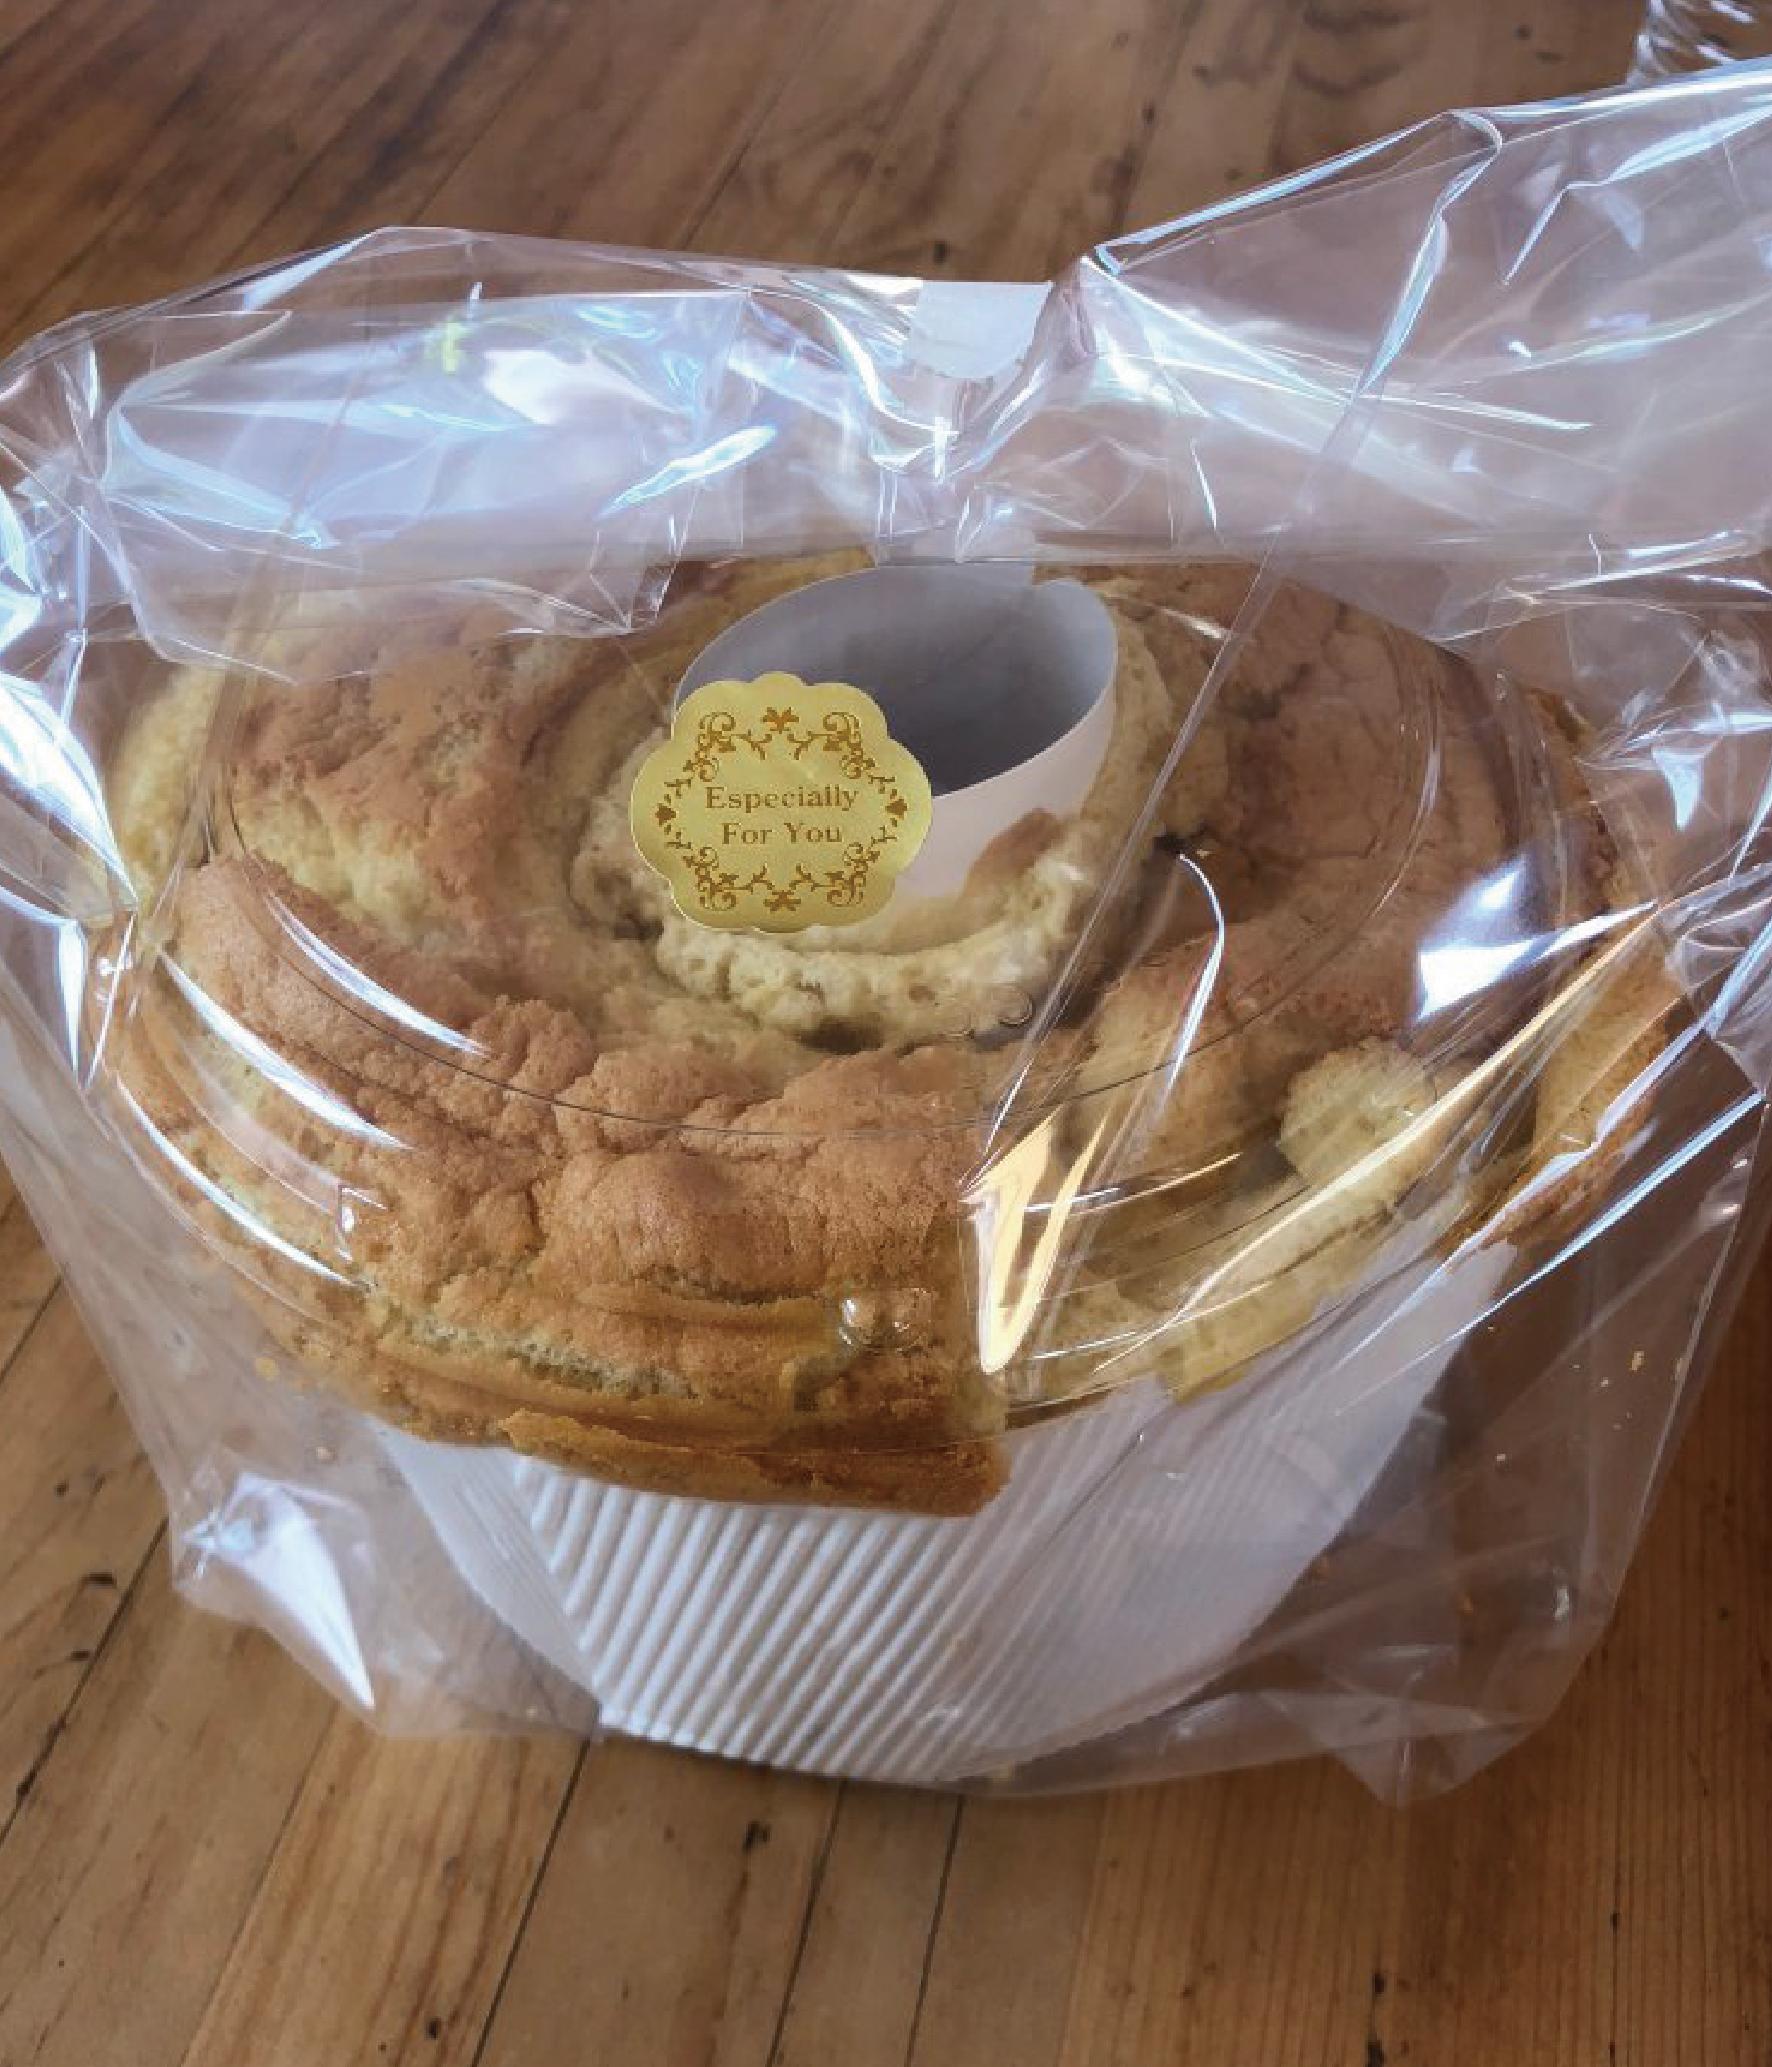 シフォンケーキ(8人前)/自然栽培の餌 ウコッケイ有精卵使用/自然栽培 古代小麦使用画像